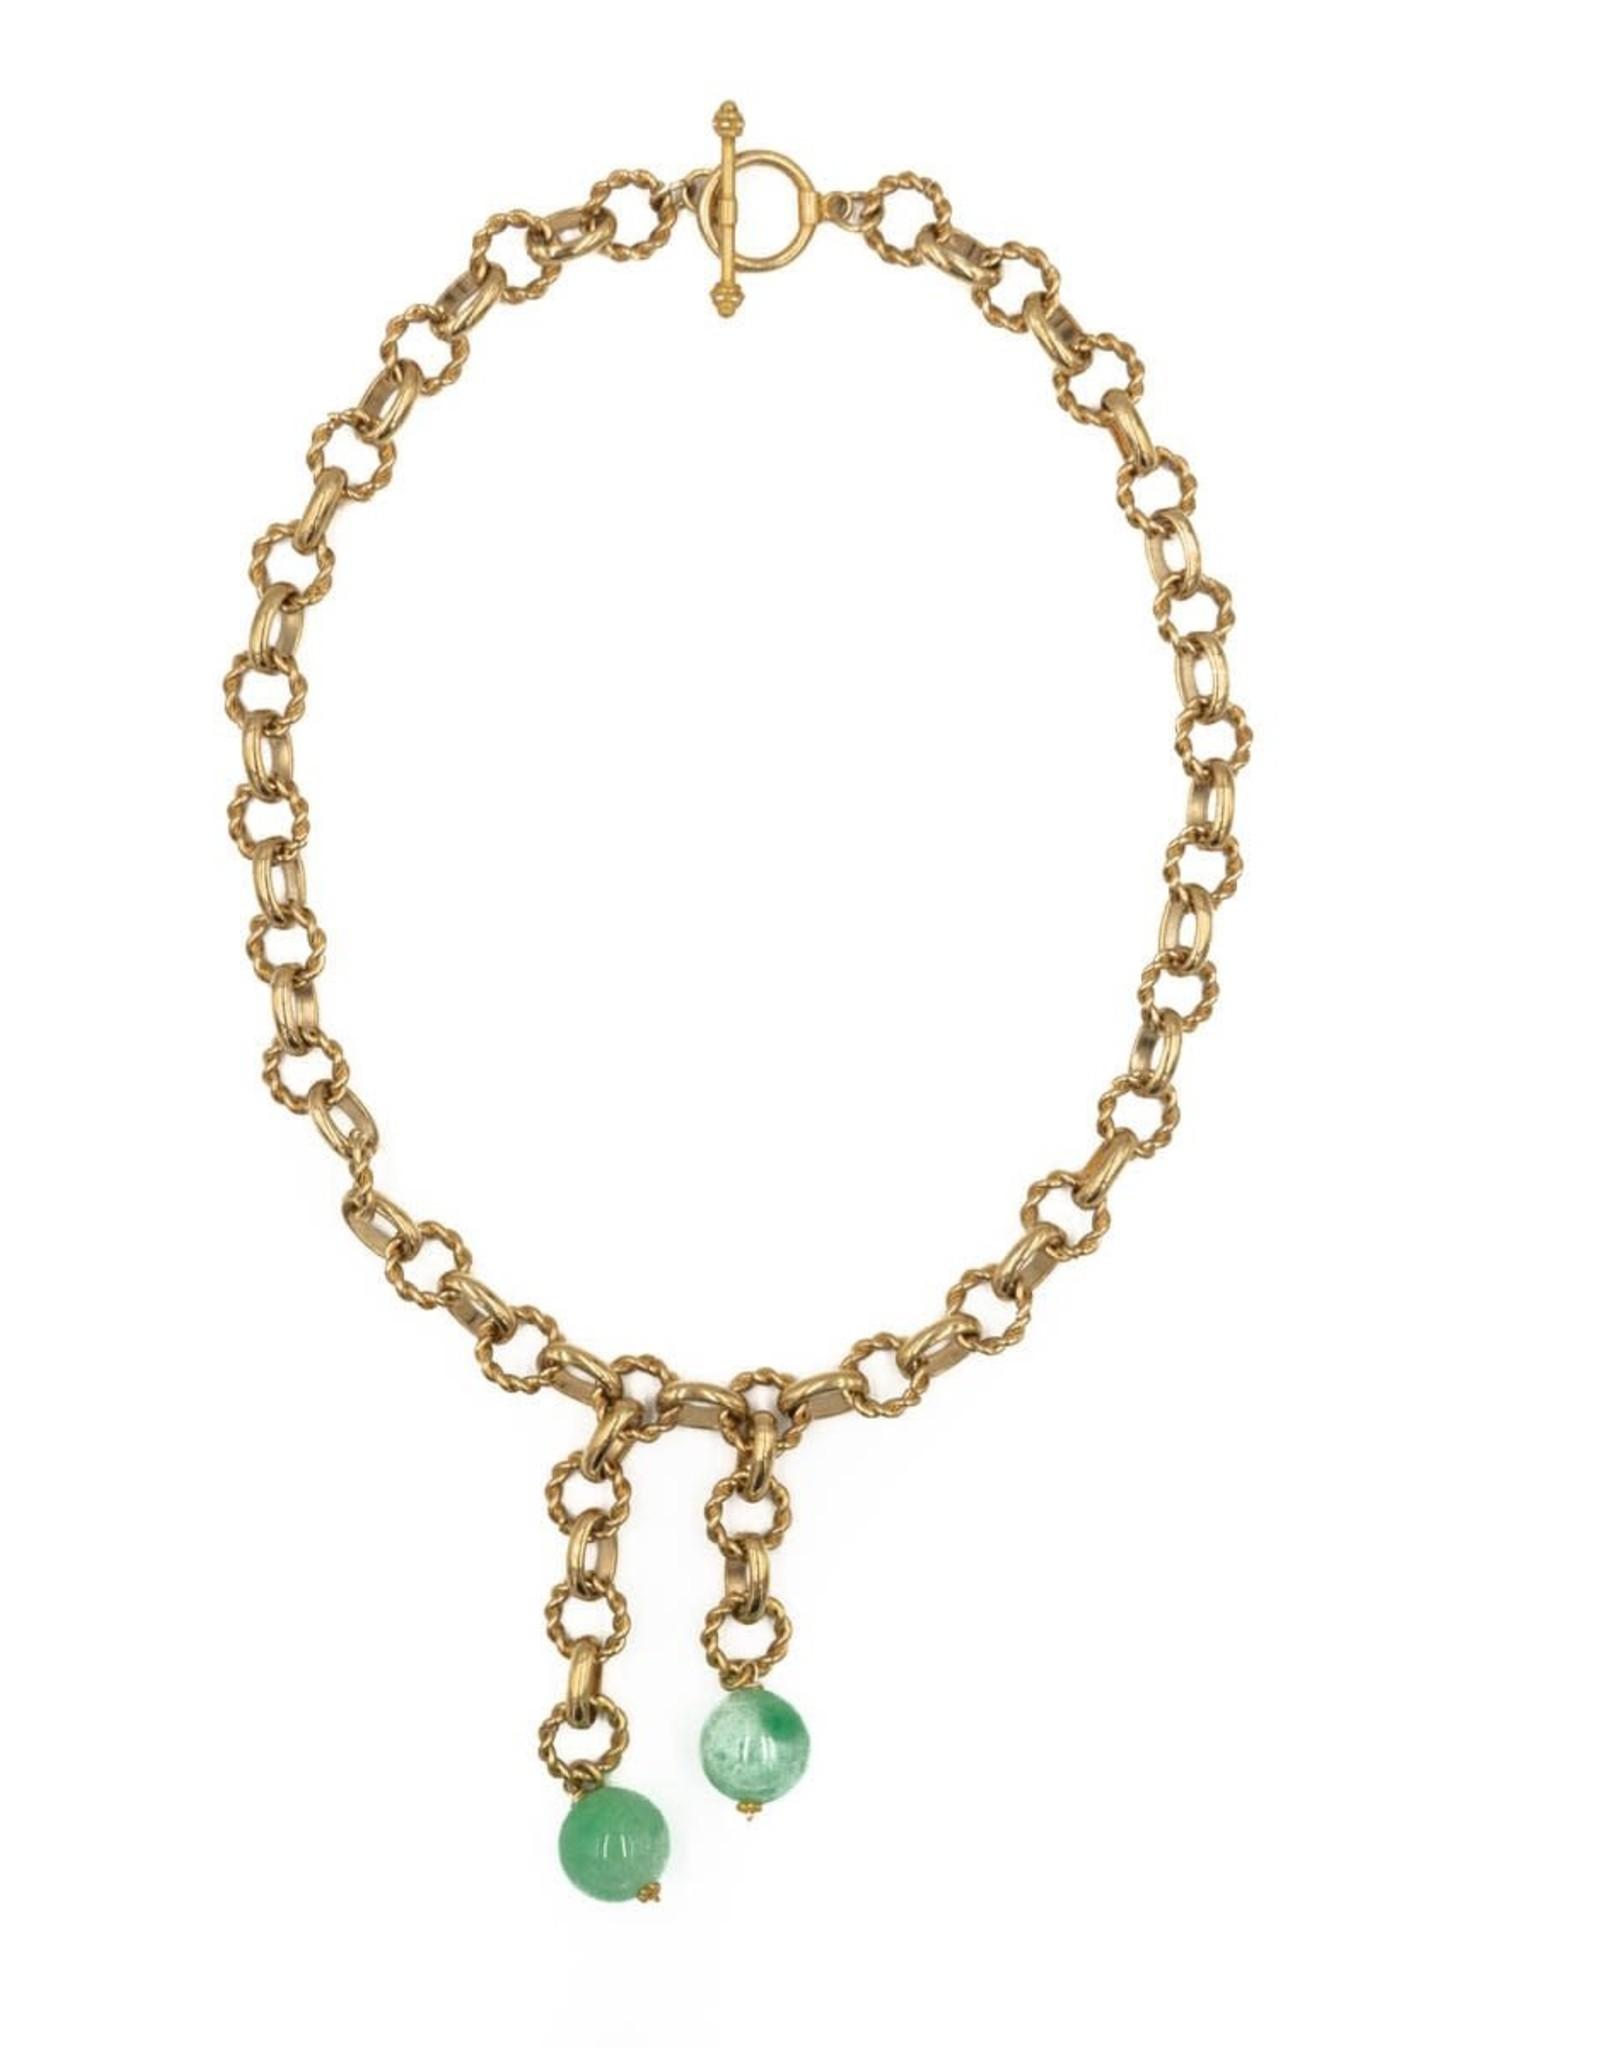 Hazen & Co. Monarch Necklace Green Jade